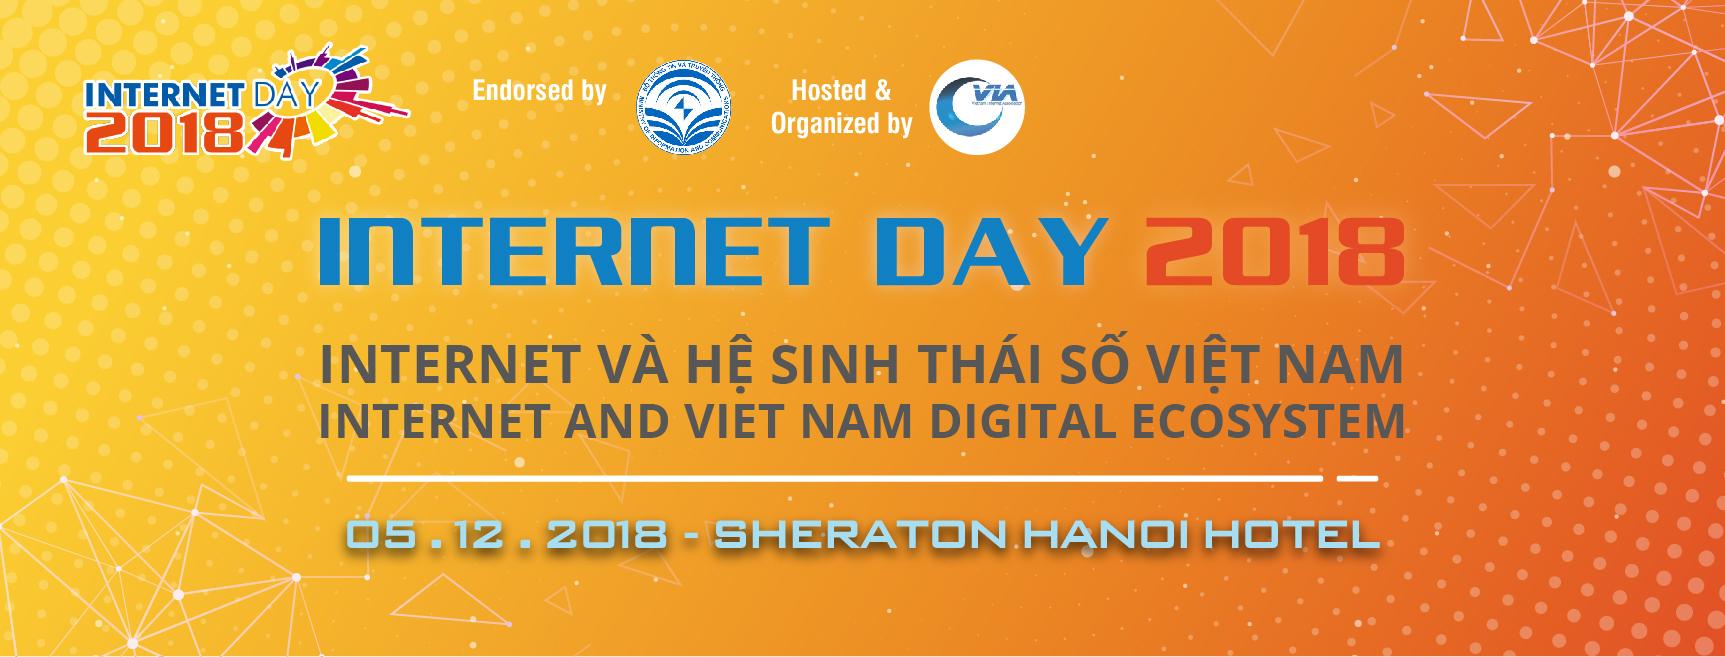 Internet và Hệ sinh thái số Việt Nam sẽ được bàn thảo tại Internet Day 2018